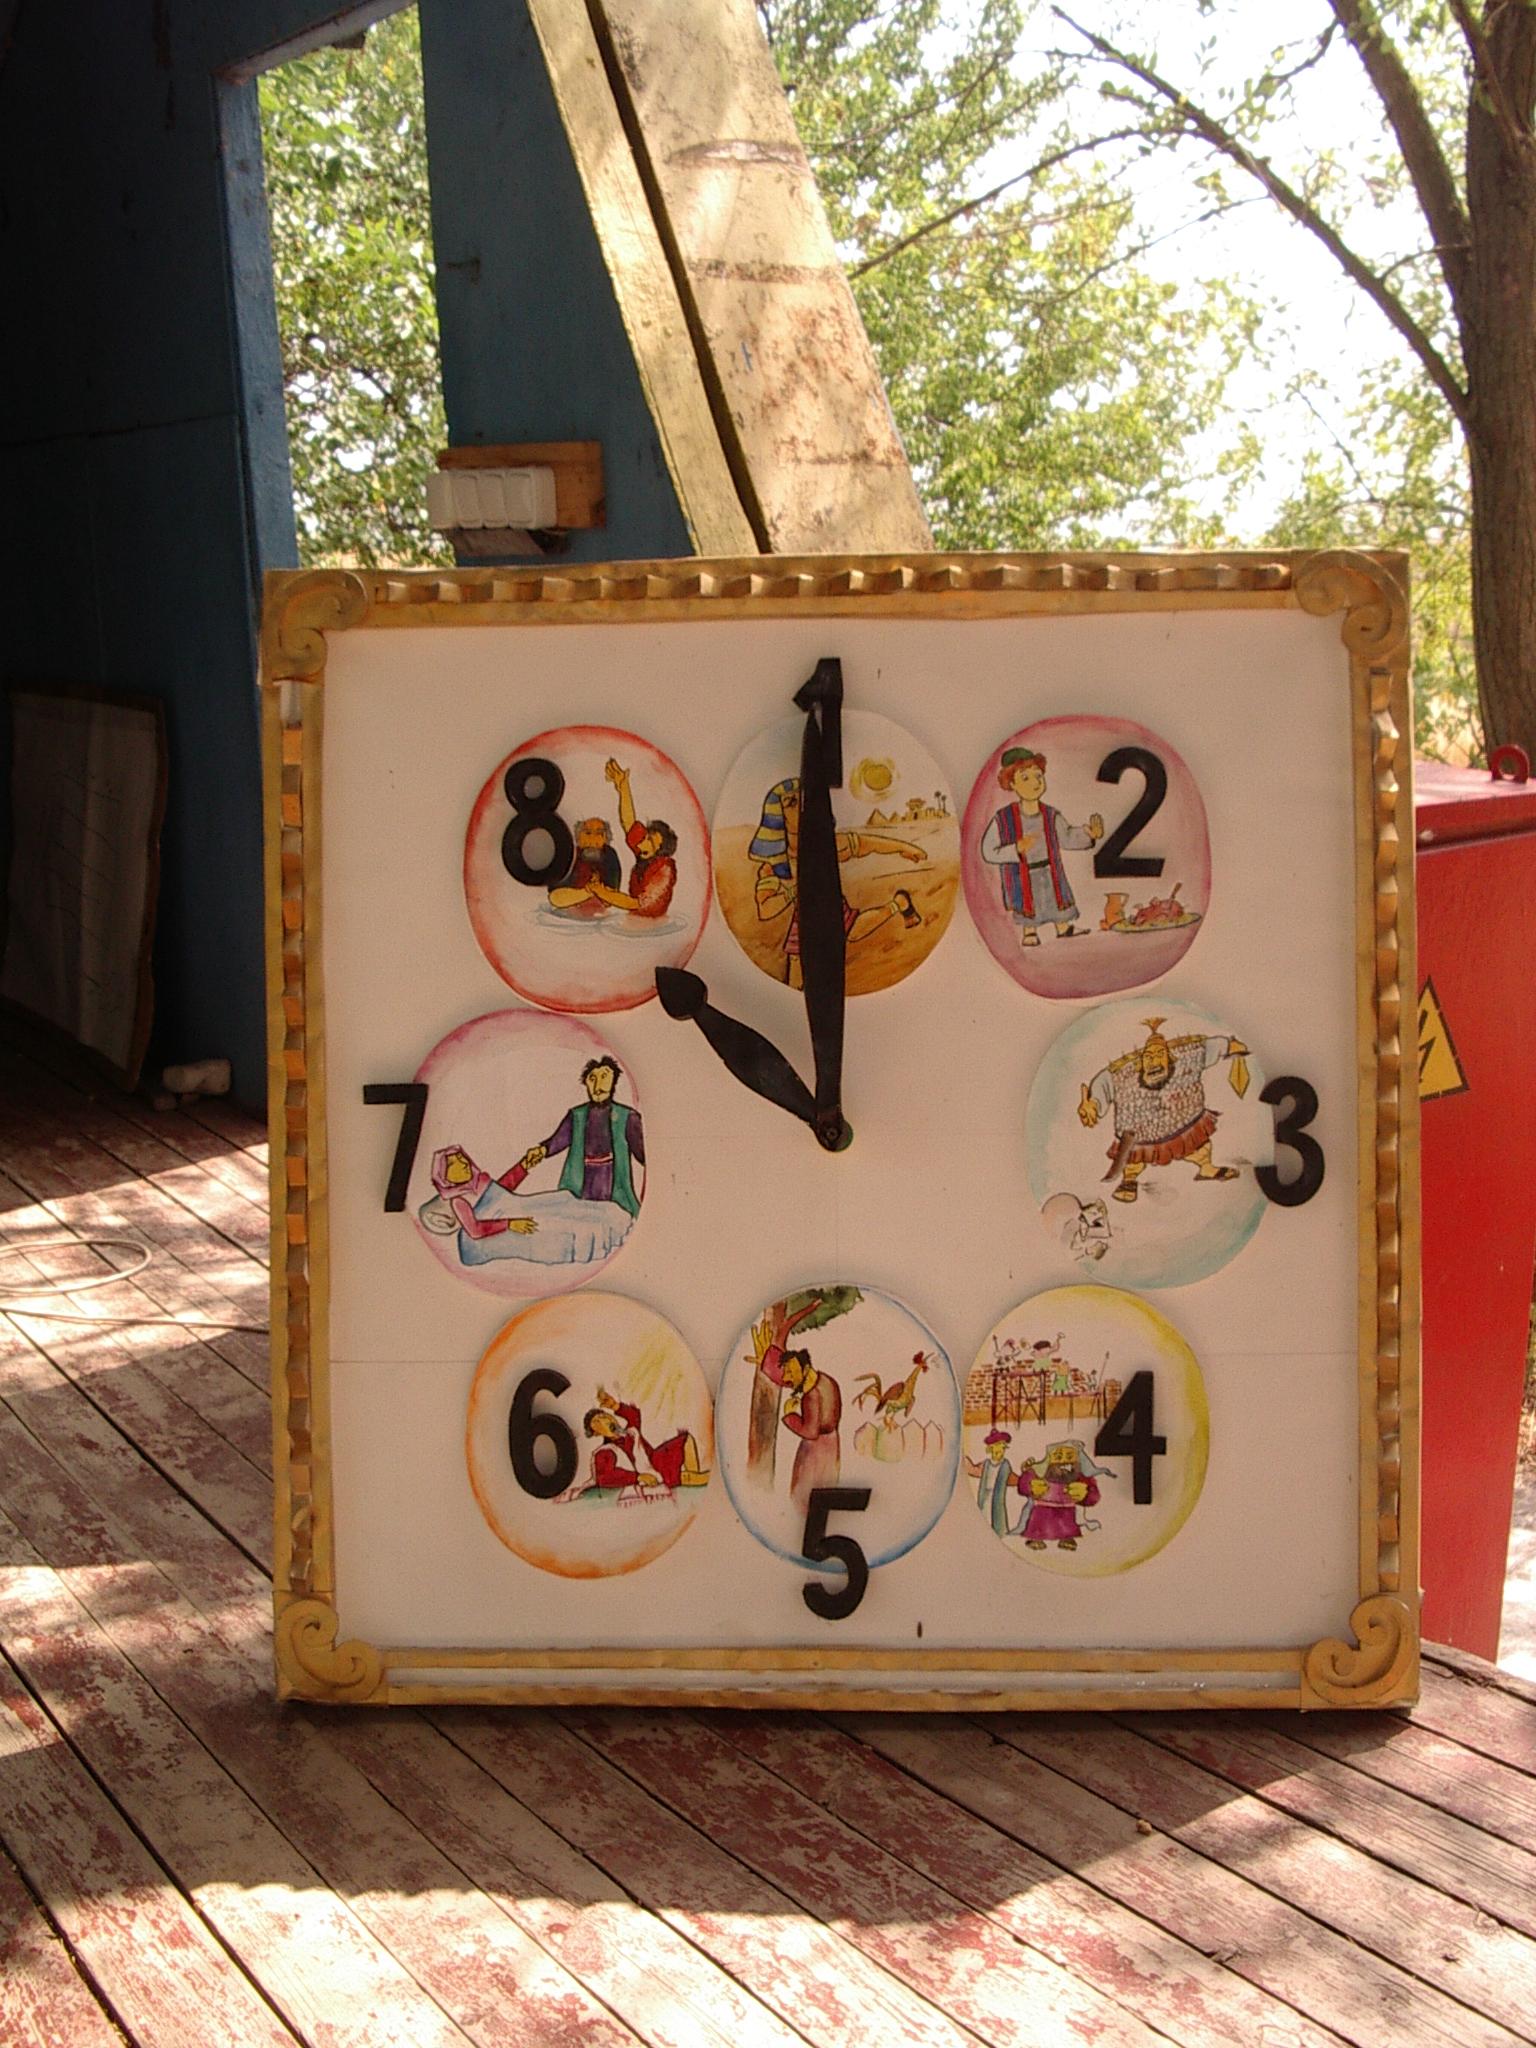 Camp Clock